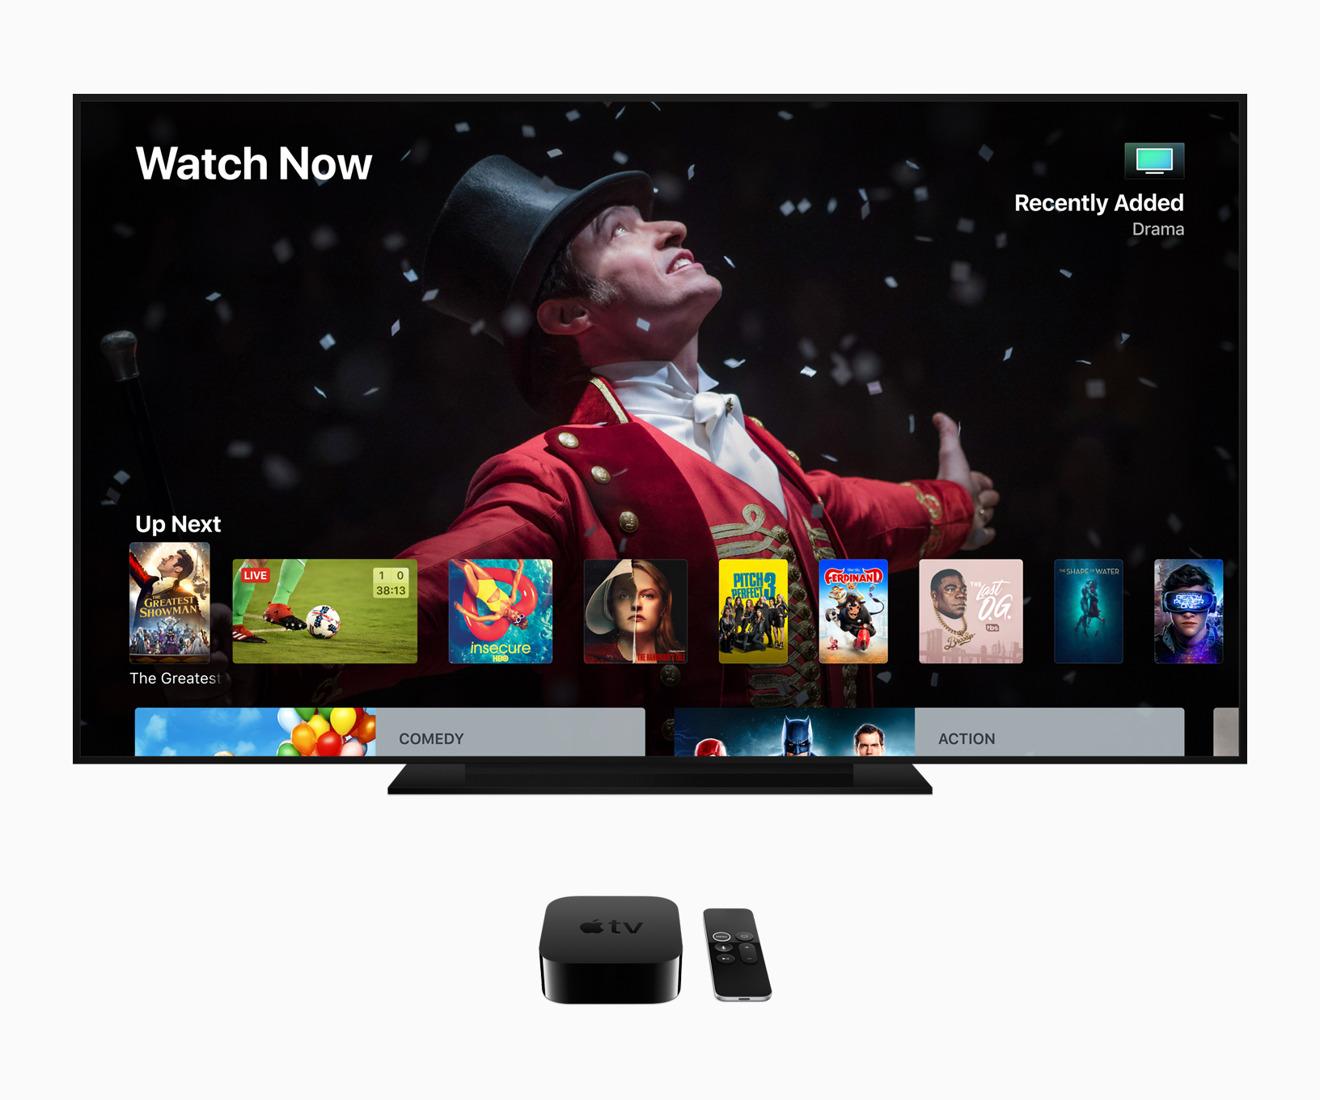 Apple releases tvOS 12.4 for Apple TV HD, Apple TV 4K